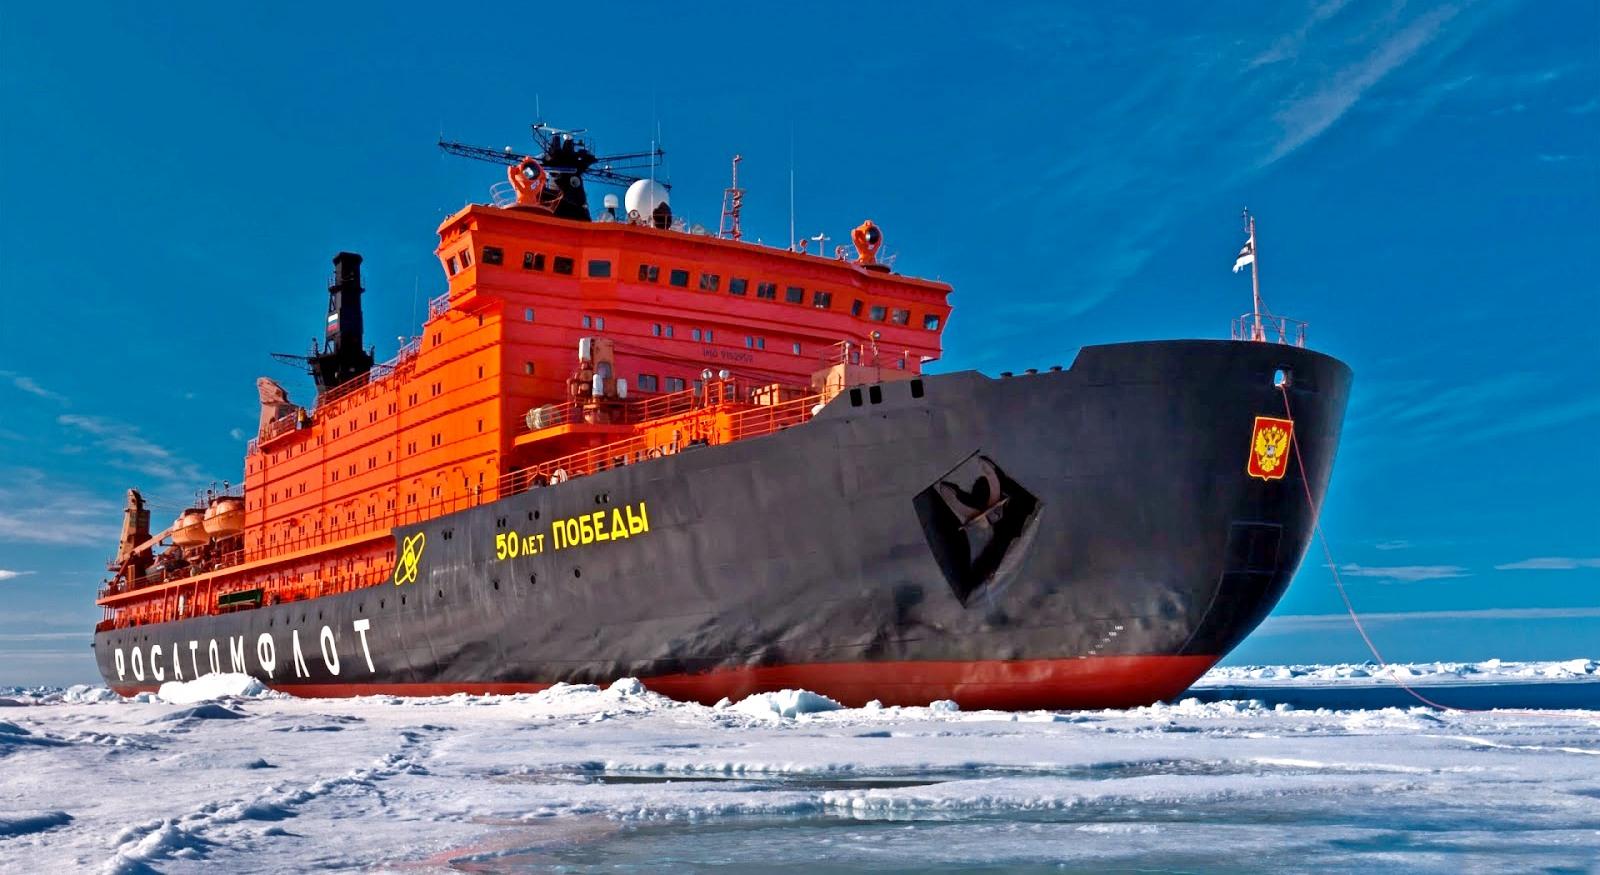 Развитие энергетики в освоении Арктики и континентального шельфа обсудят на «NDExpo-2017»